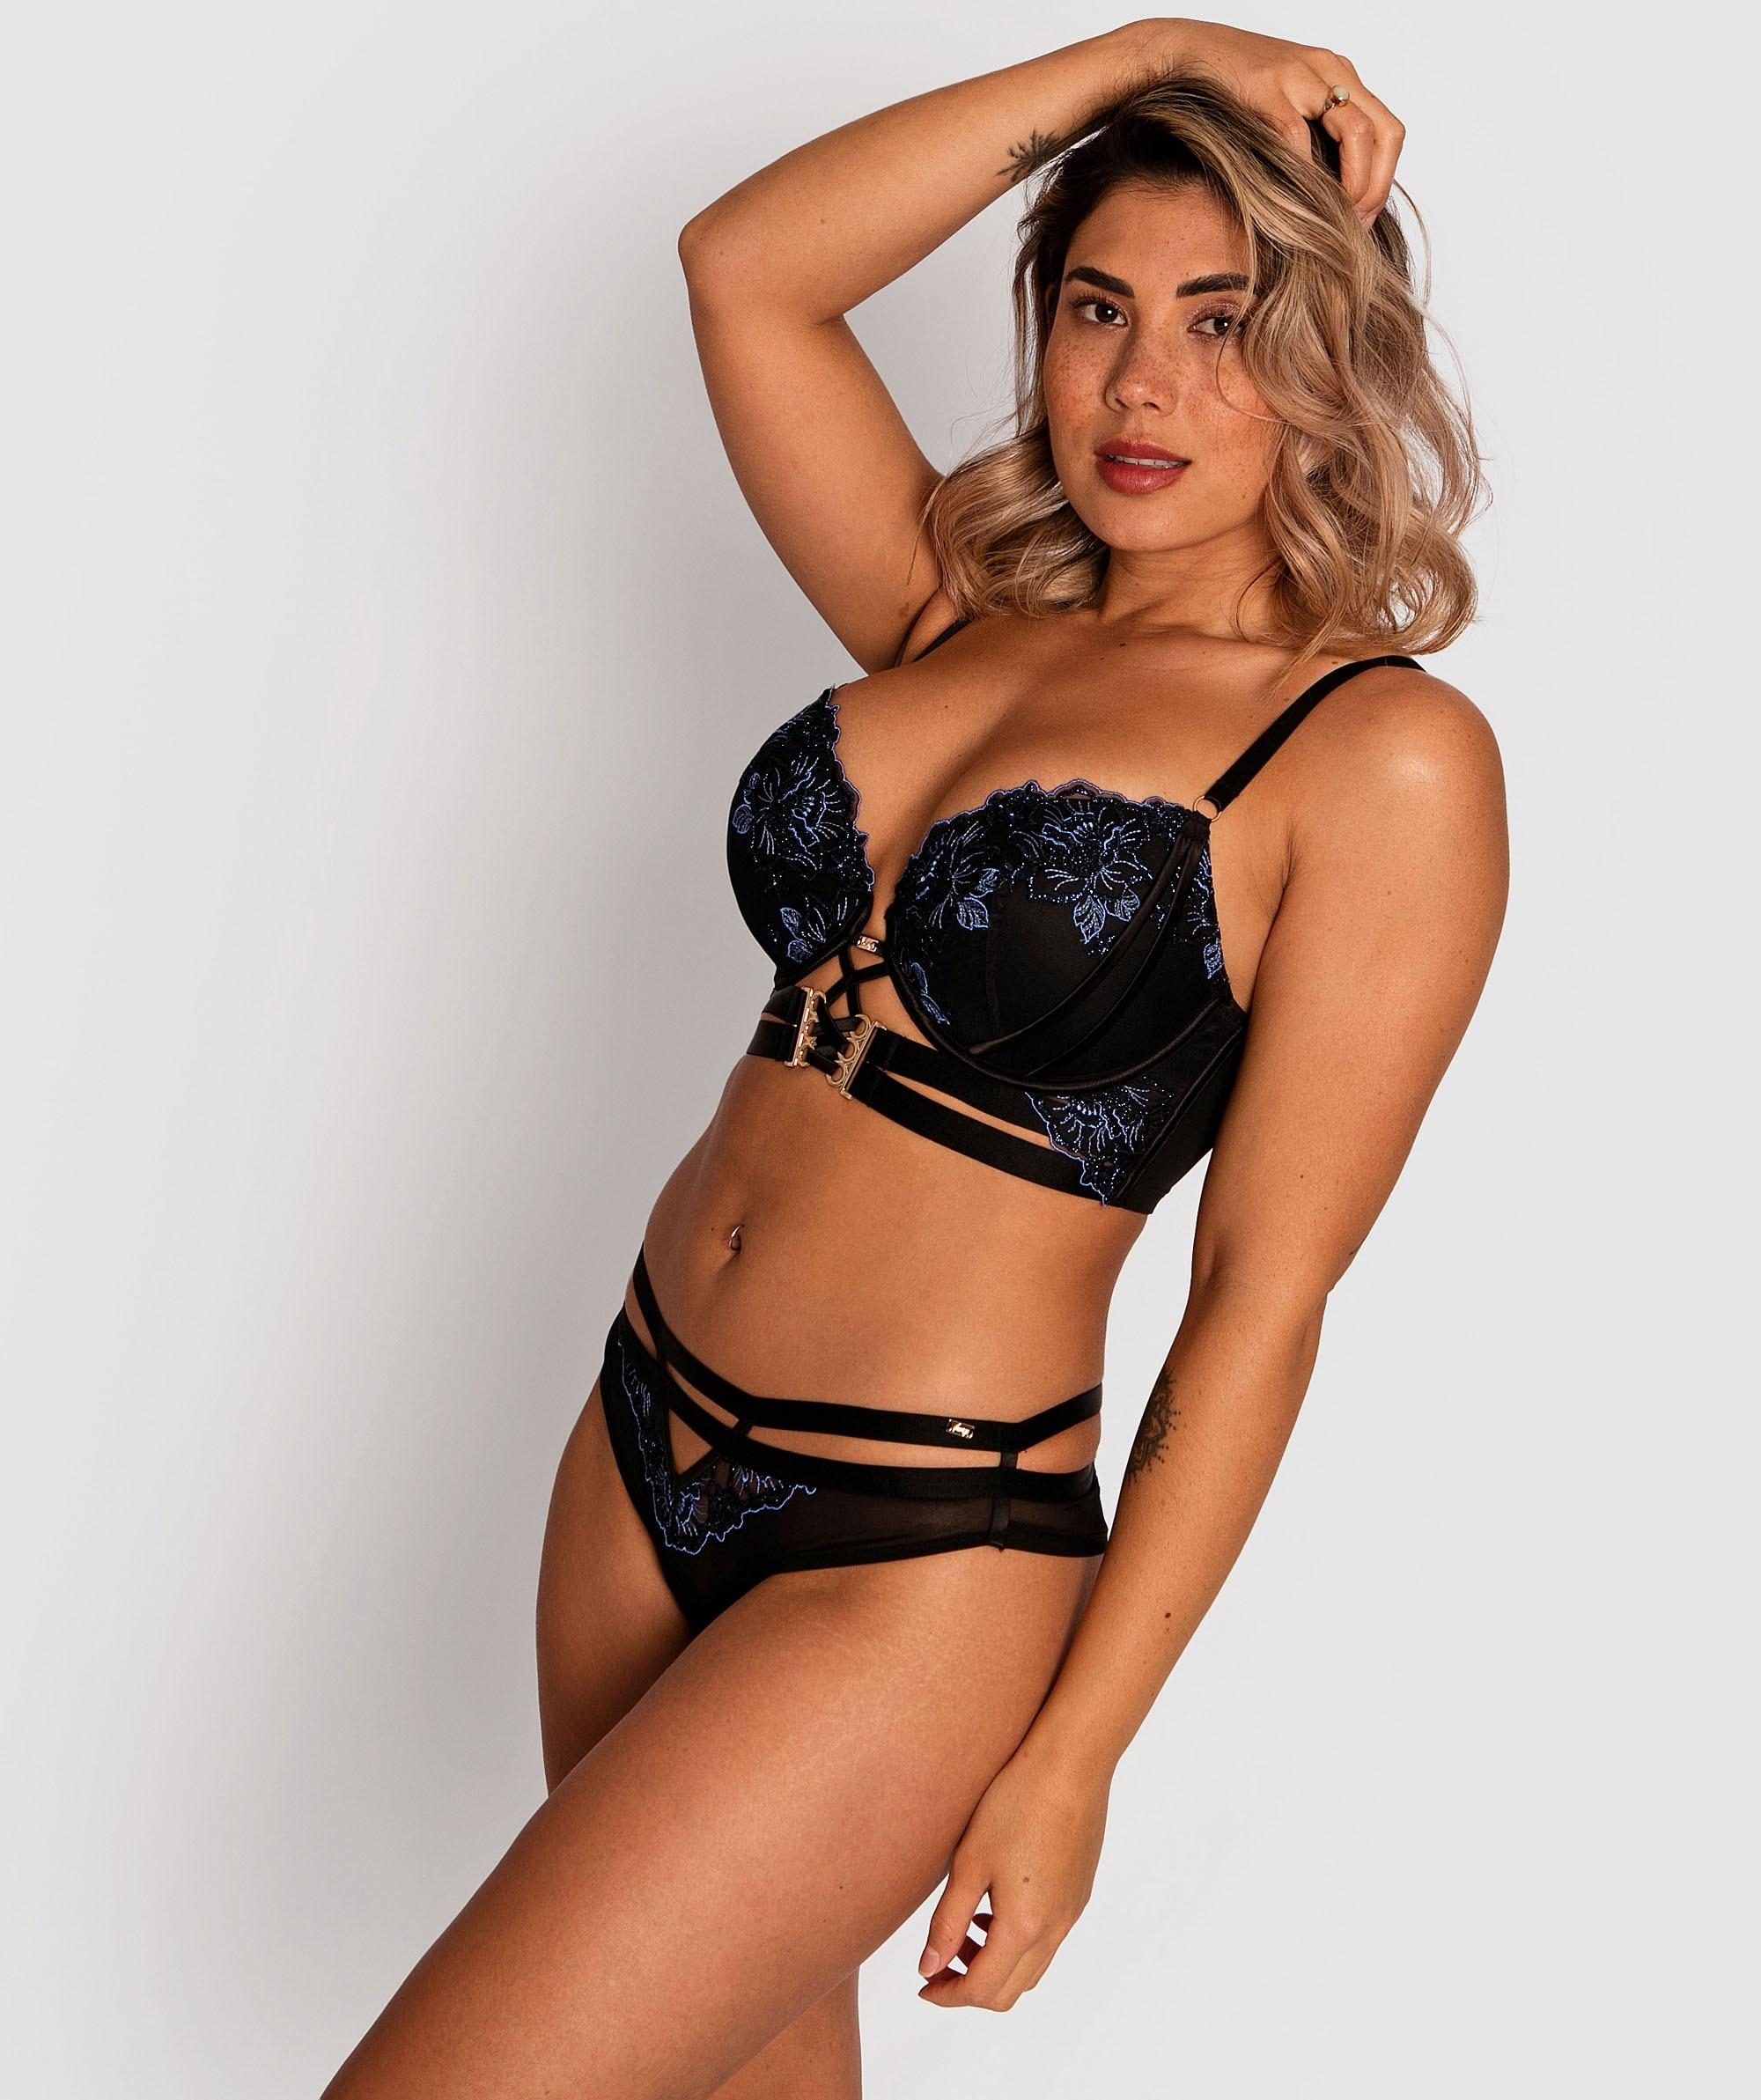 Vamp Eloise High Waist Brazilian Knicker - Black/Blue